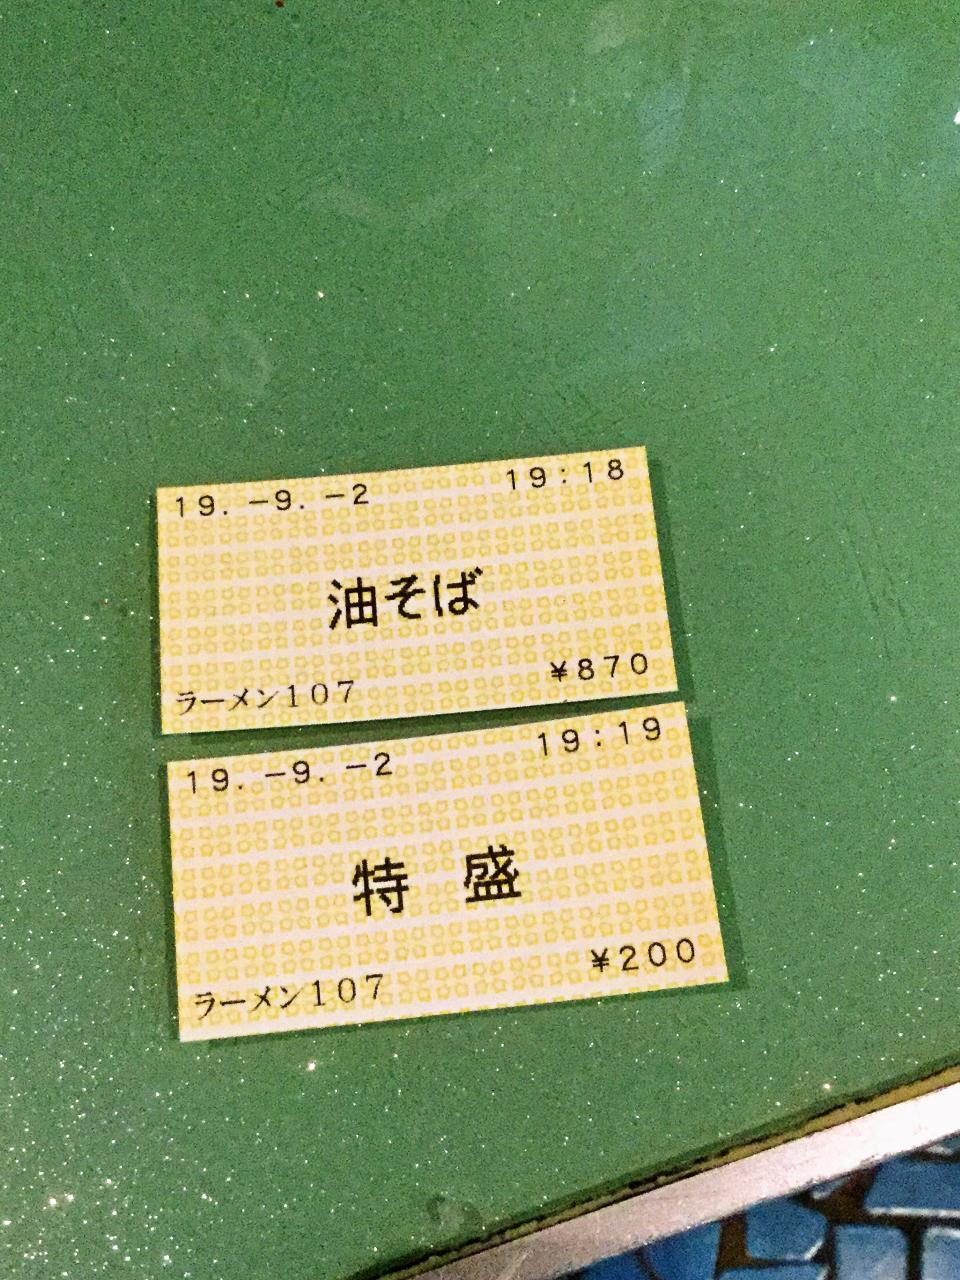 ラーメン107(食券)